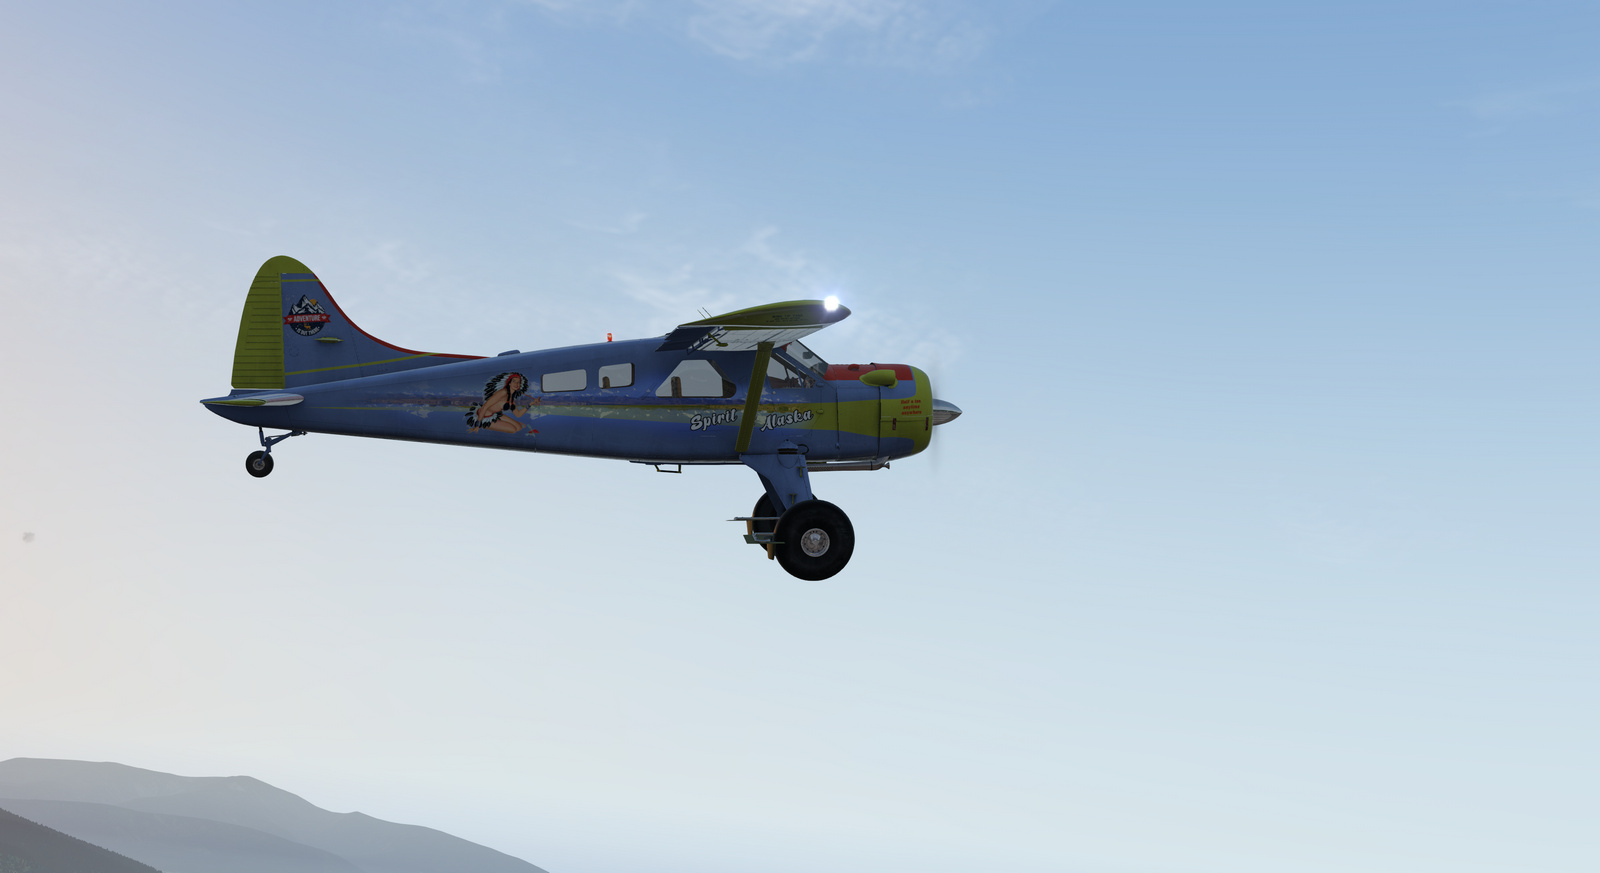 Spirit of Alaska repaint for Thranda DHC-2 Beaver for X-Plane 11, Tundra tires, image 4/20